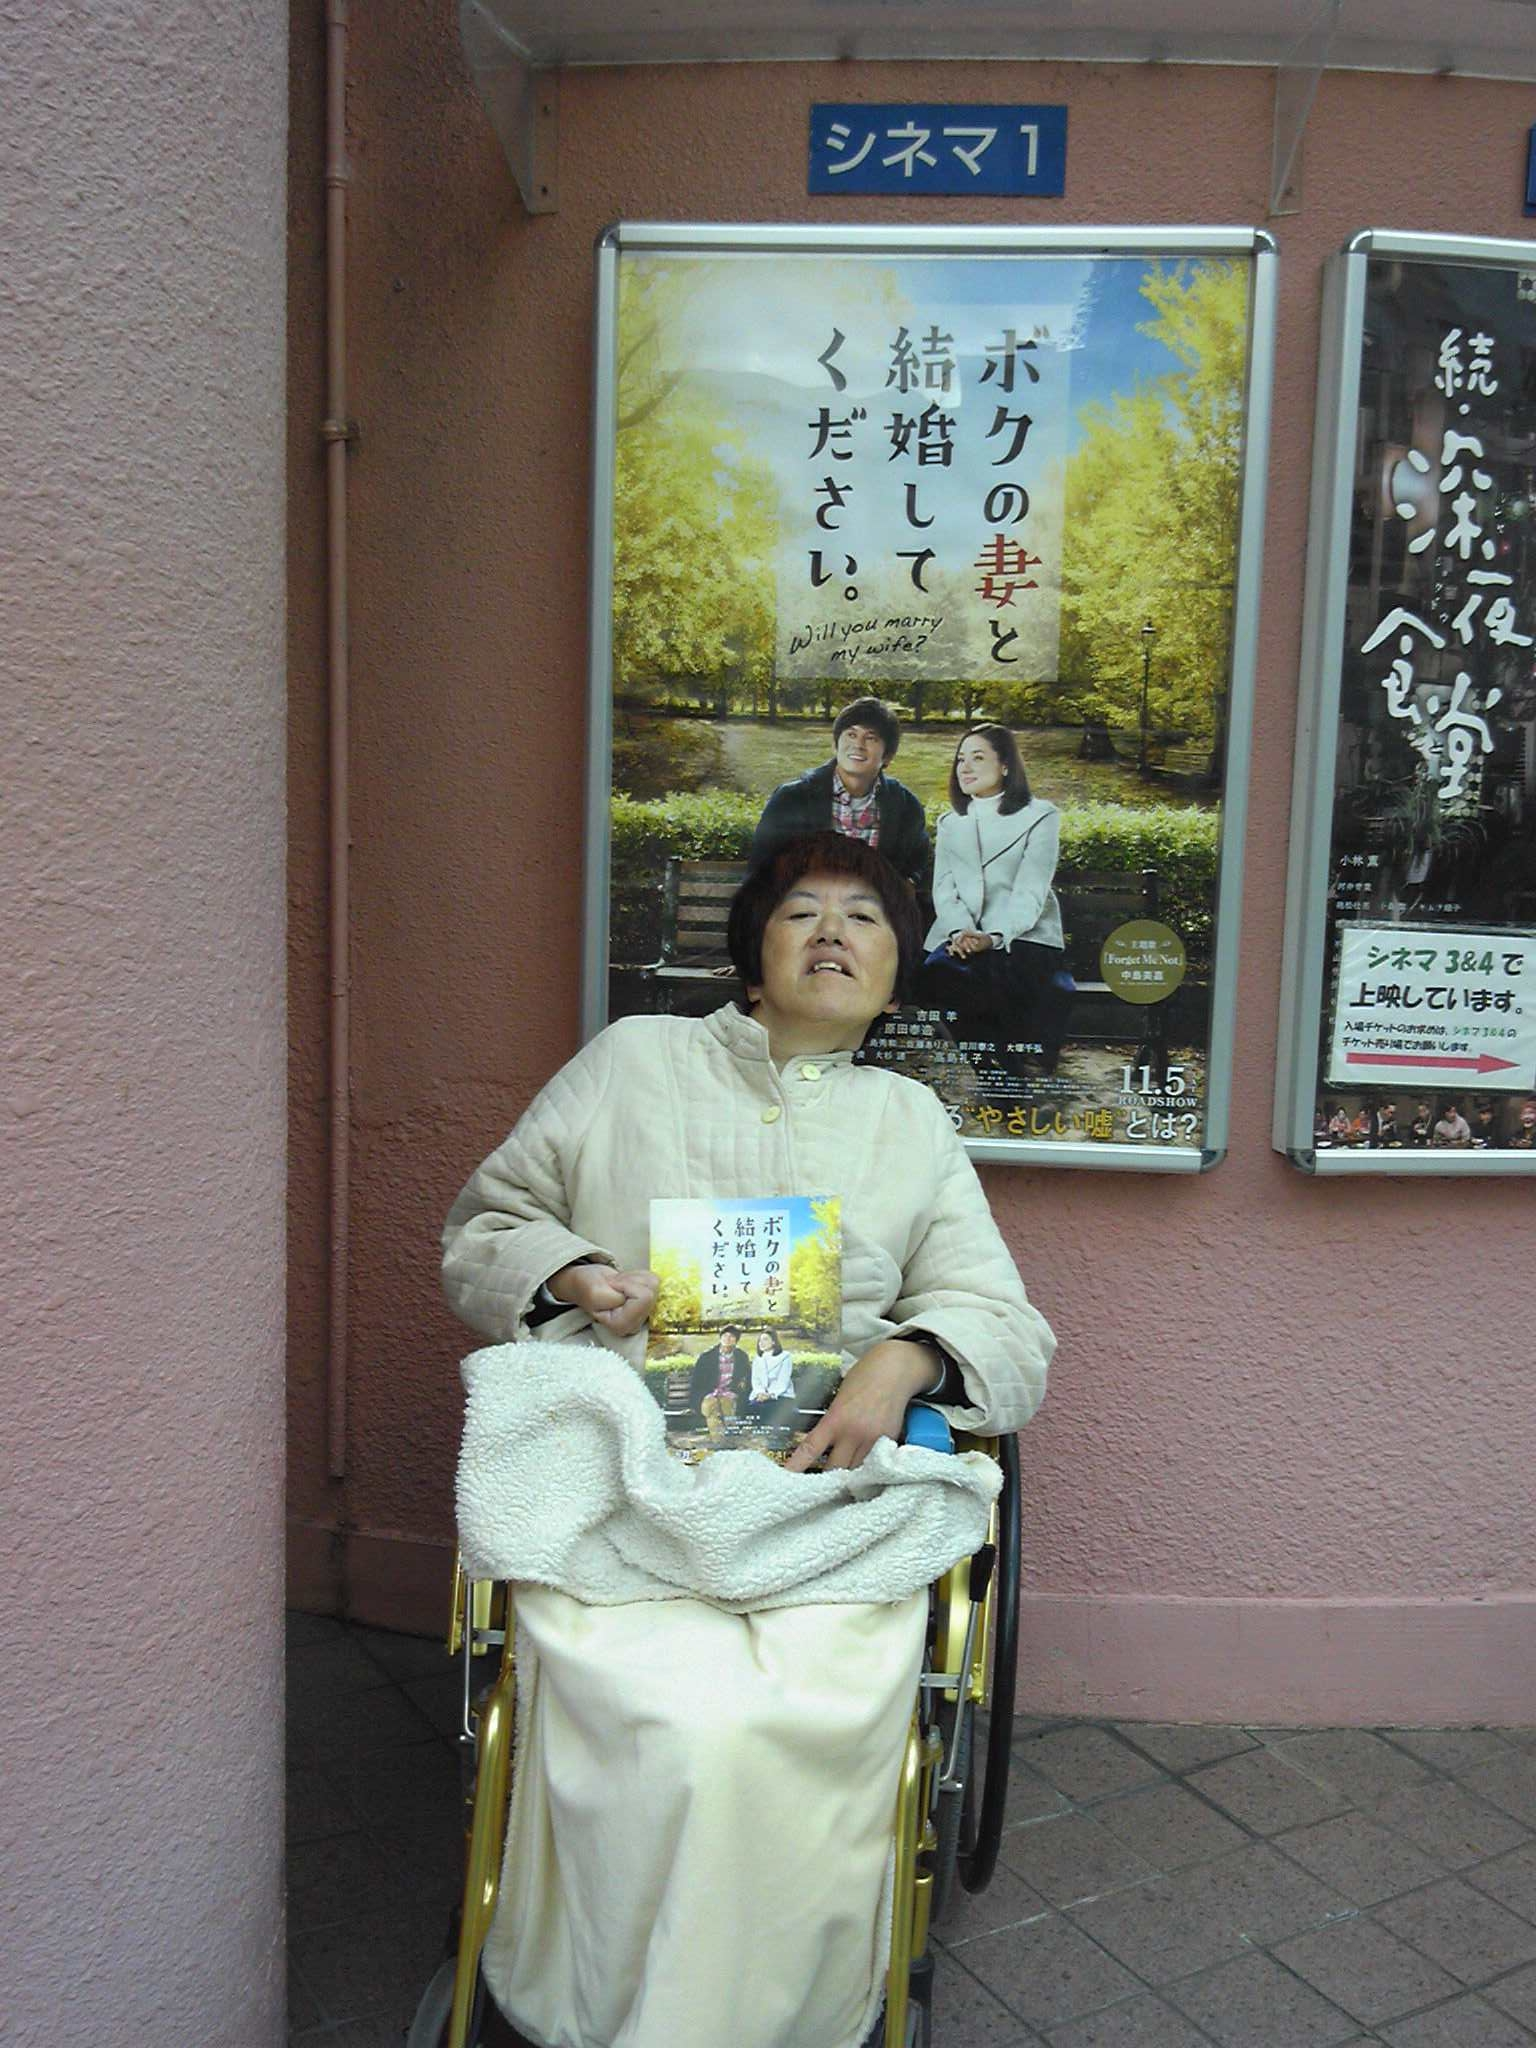 映画館前で、「パチリ」